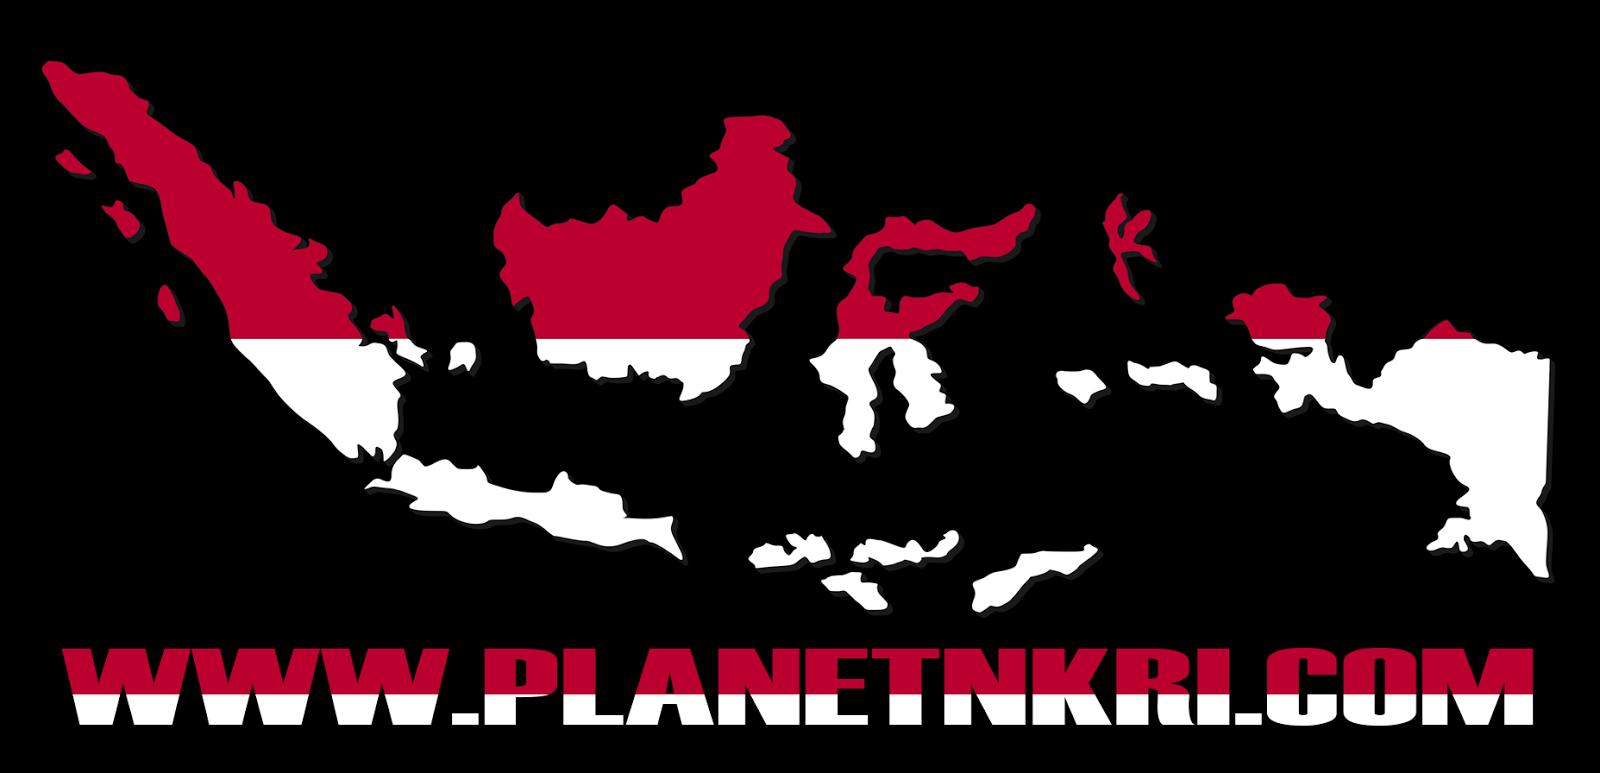 PlanetNKRI